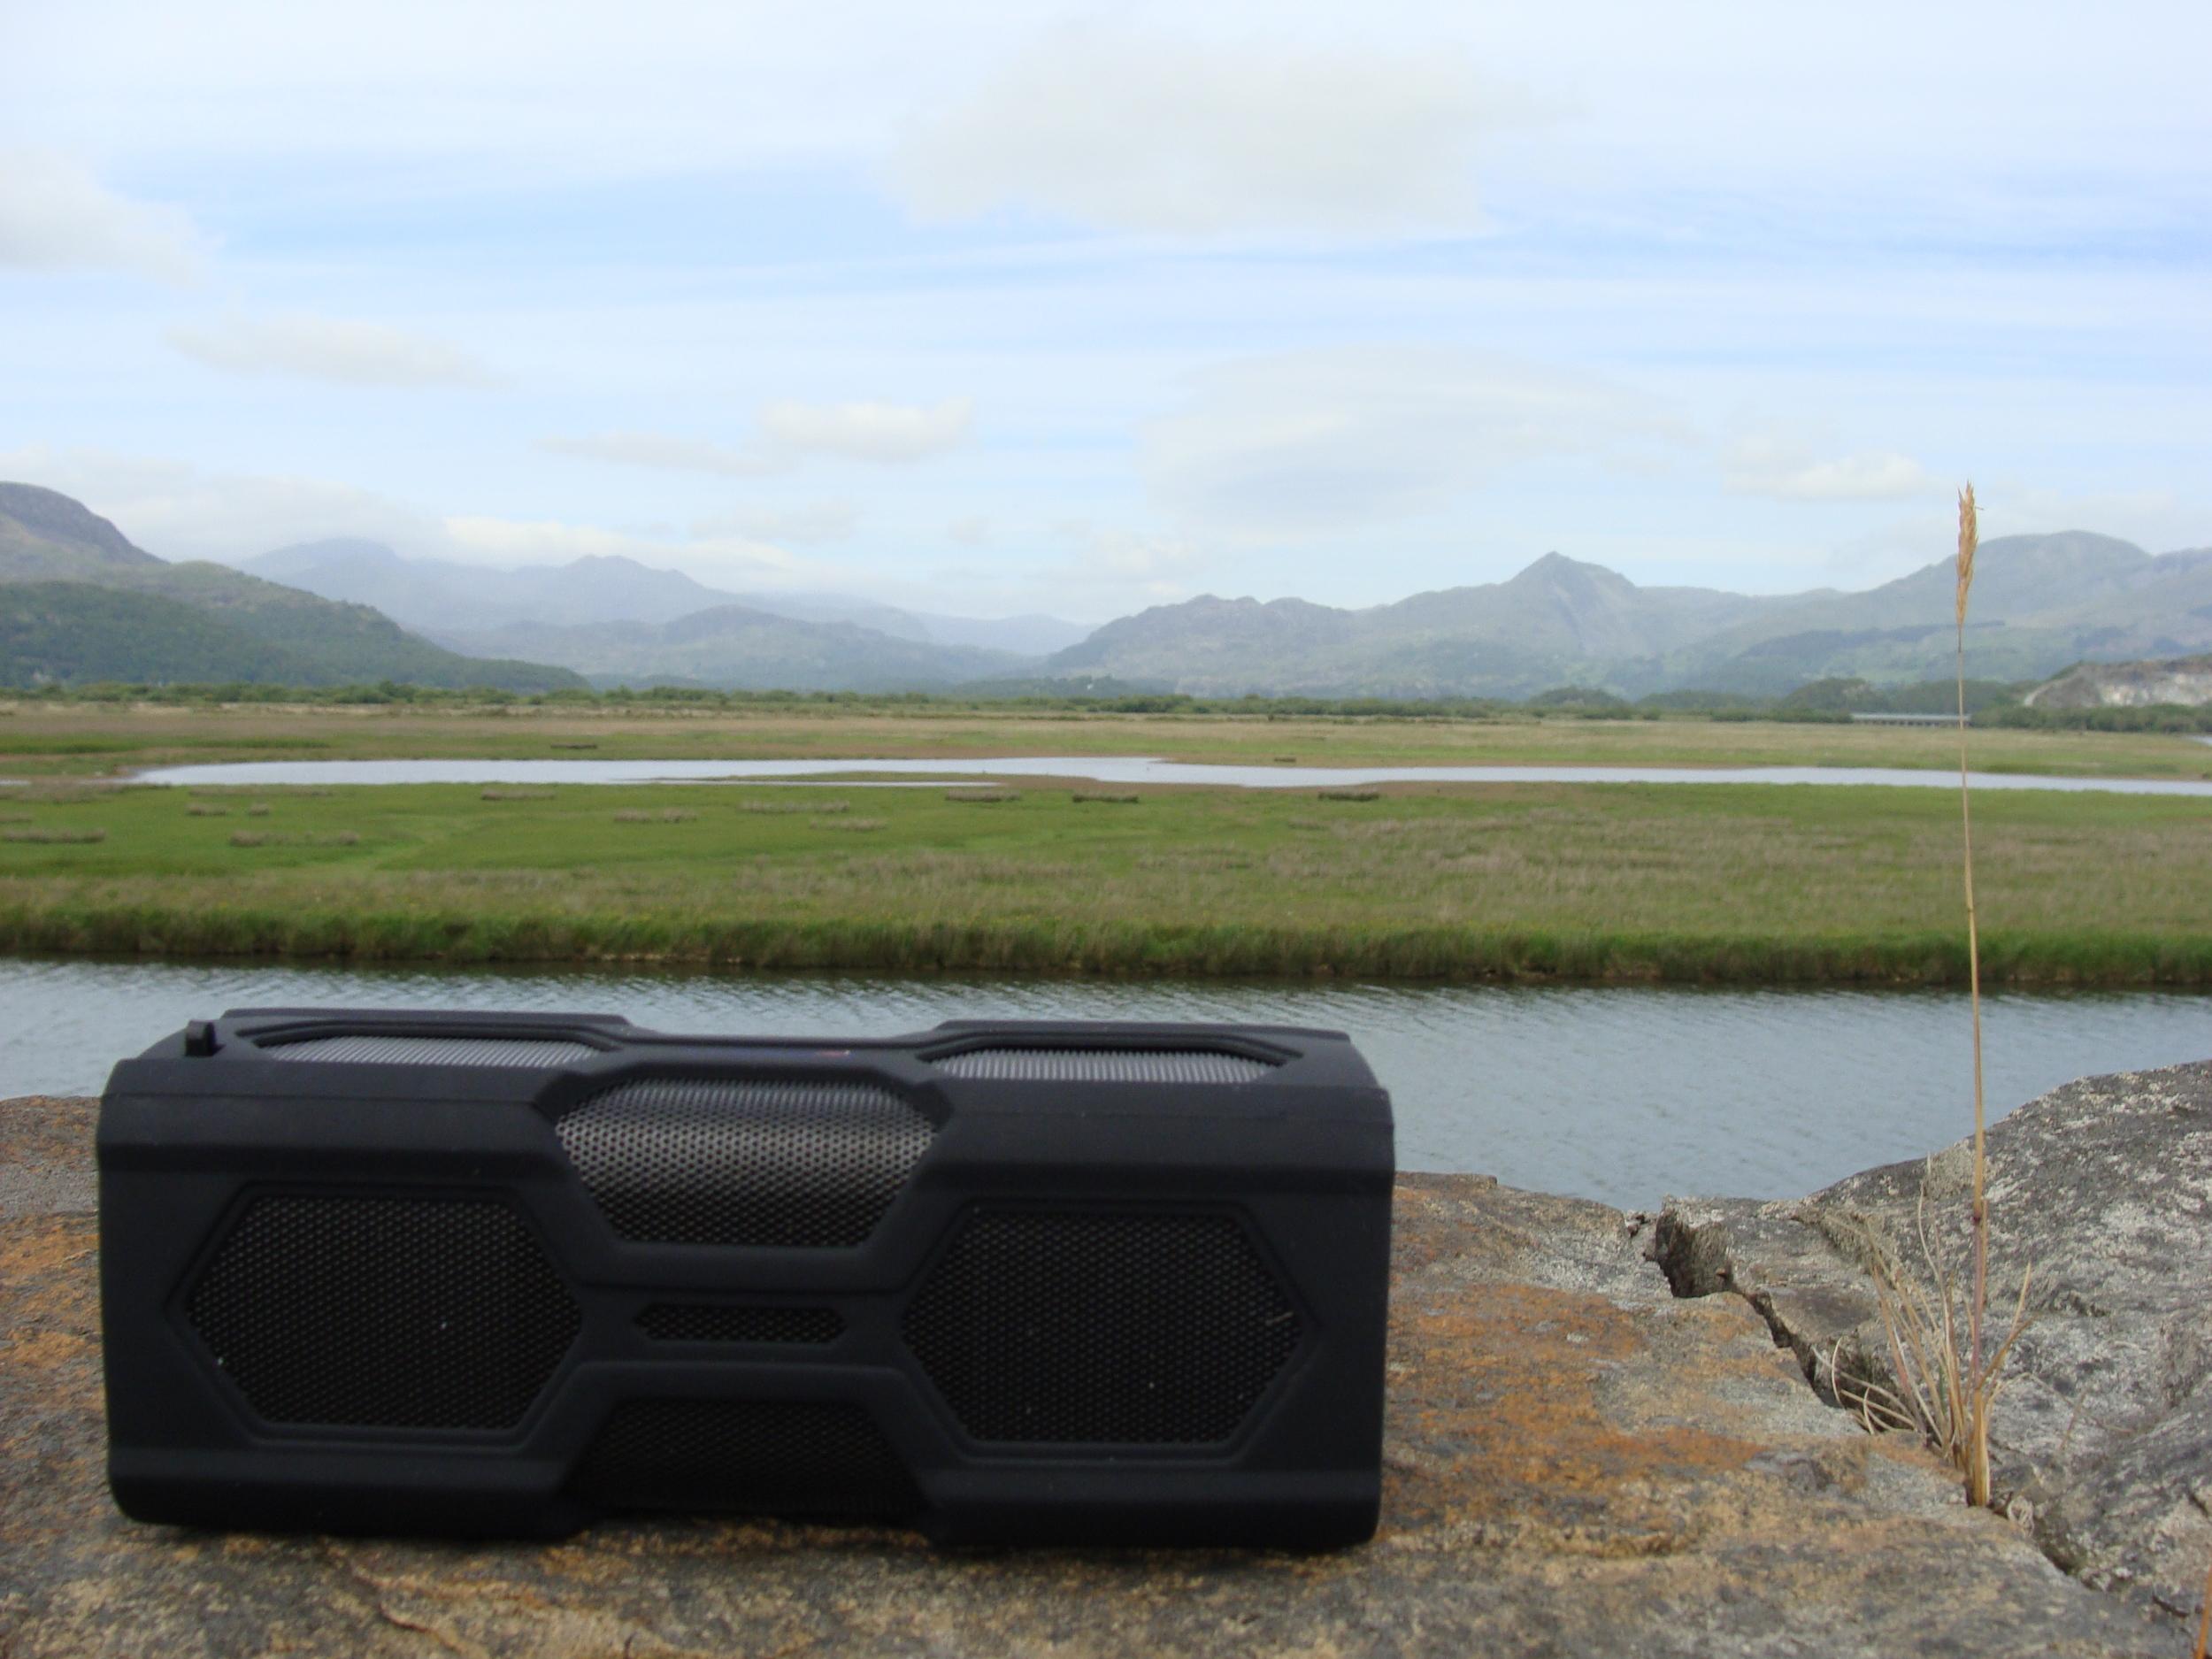 expower-speaker-mountains.jpg